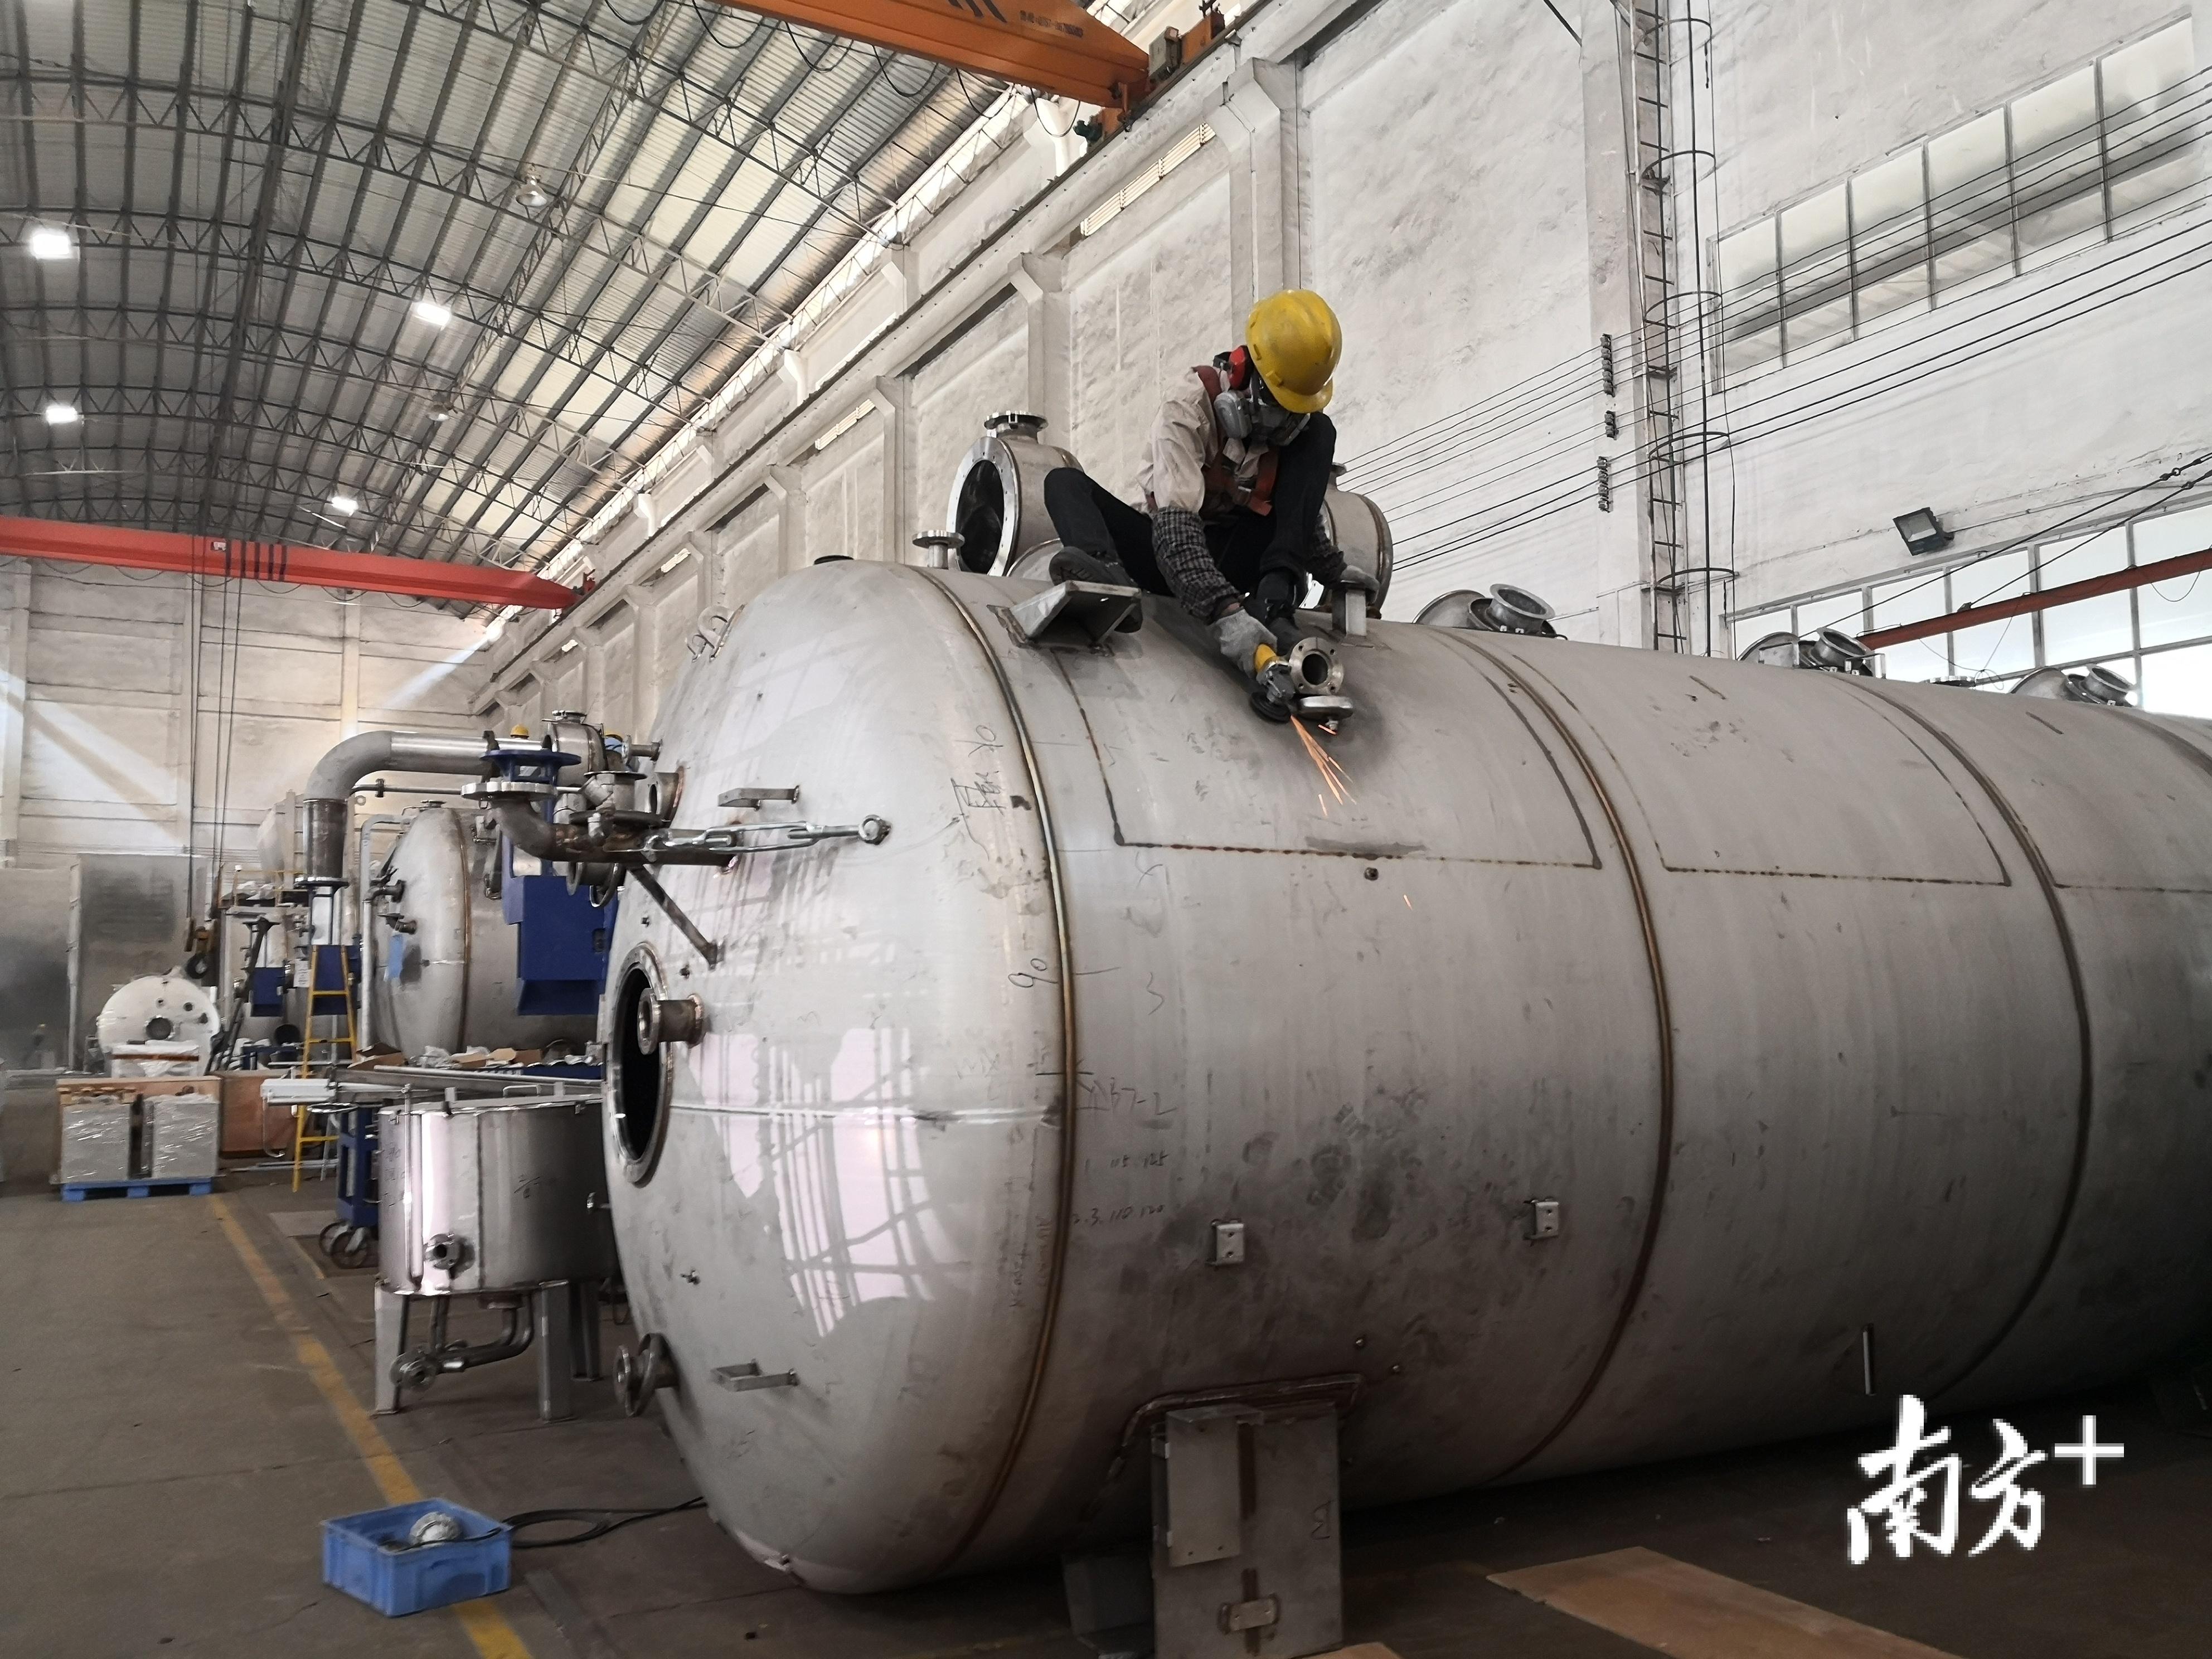 三技精机计划将事业部和部分生产线迁回禅城,并斥资10亿元打造印染整体设备智能装备制造基地。罗湛贤 摄